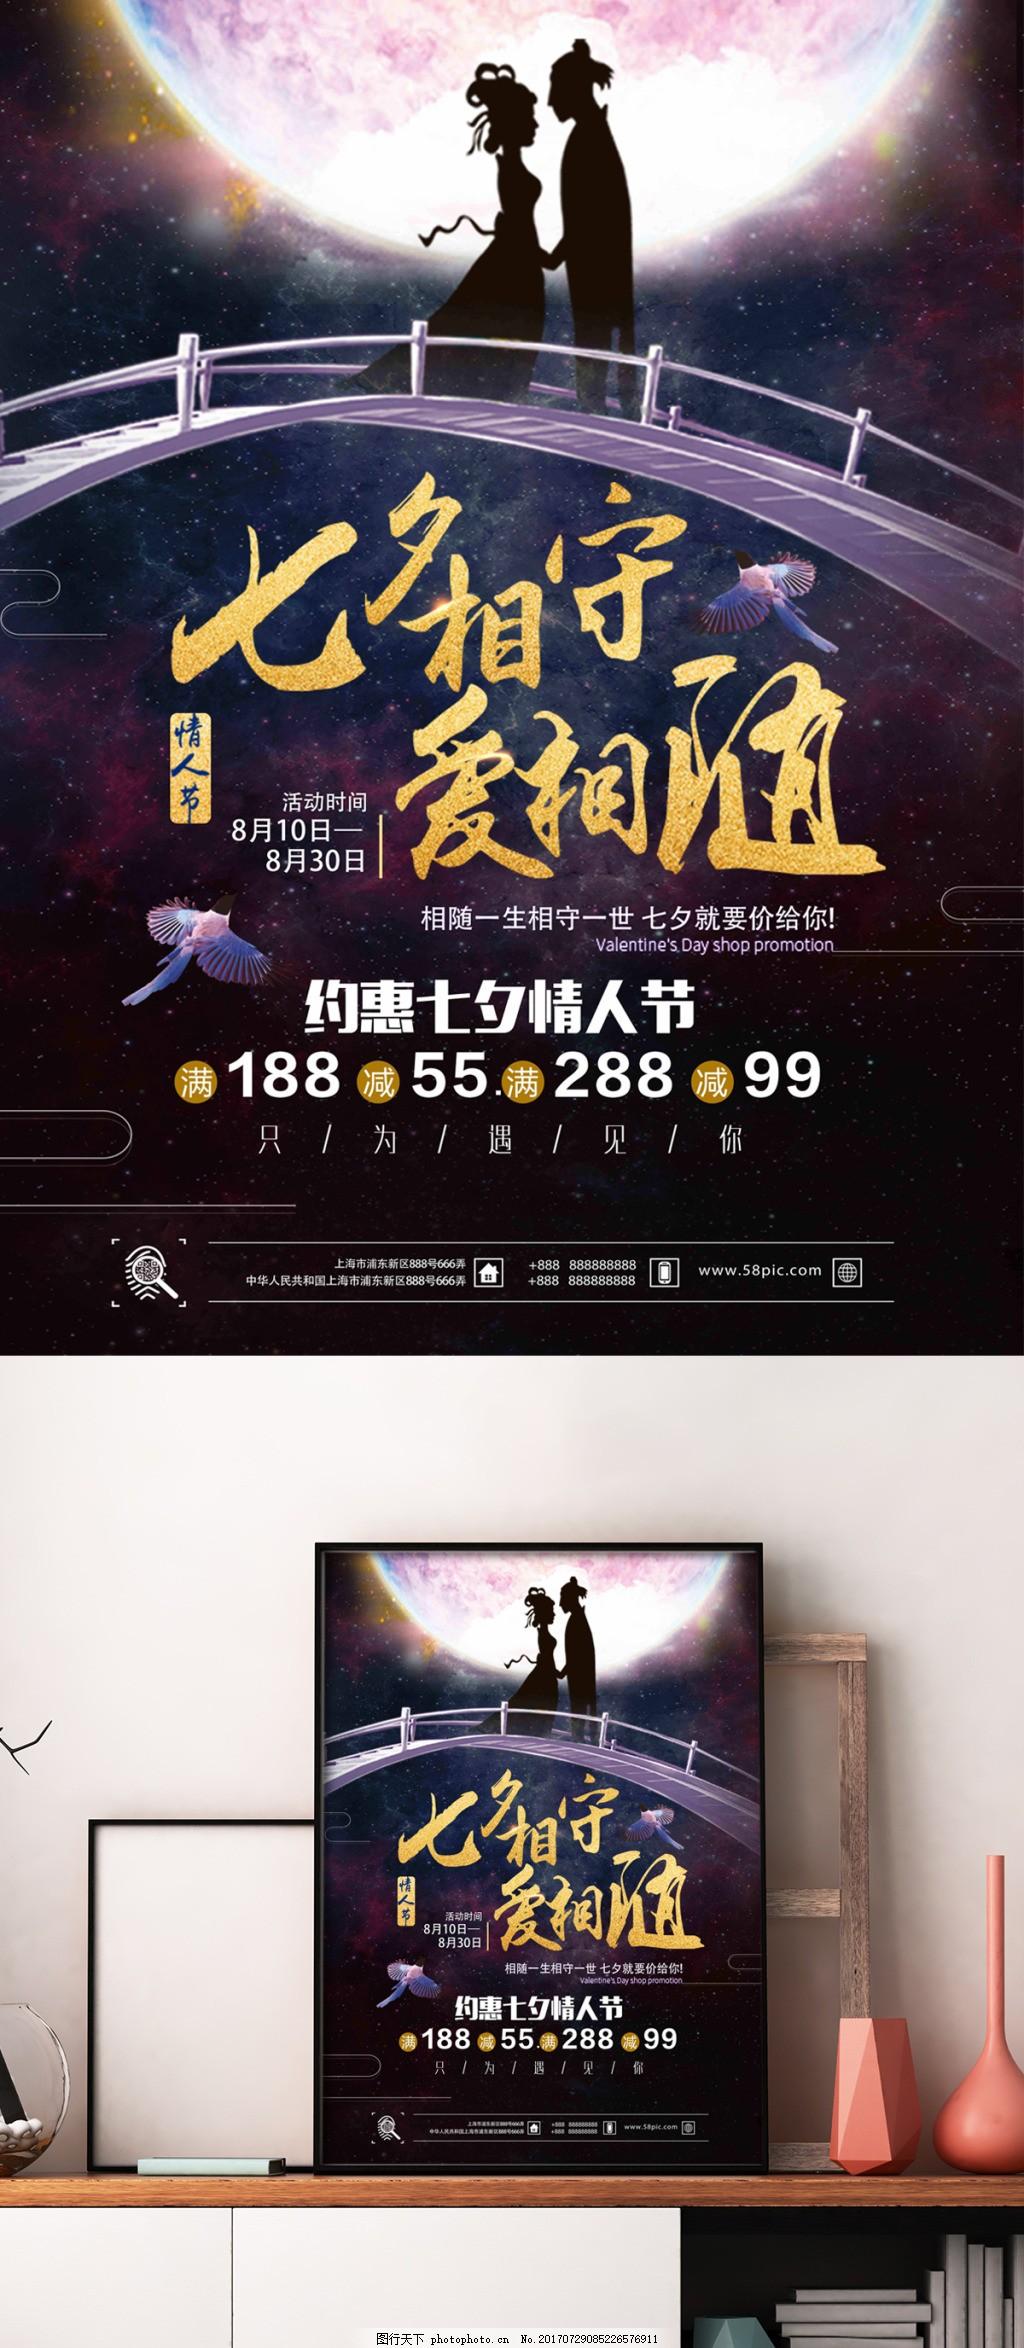 大气浪漫星空七夕情人节钜惠促销海报 简约大气 牛郎织女 爱情 喜鹊素材